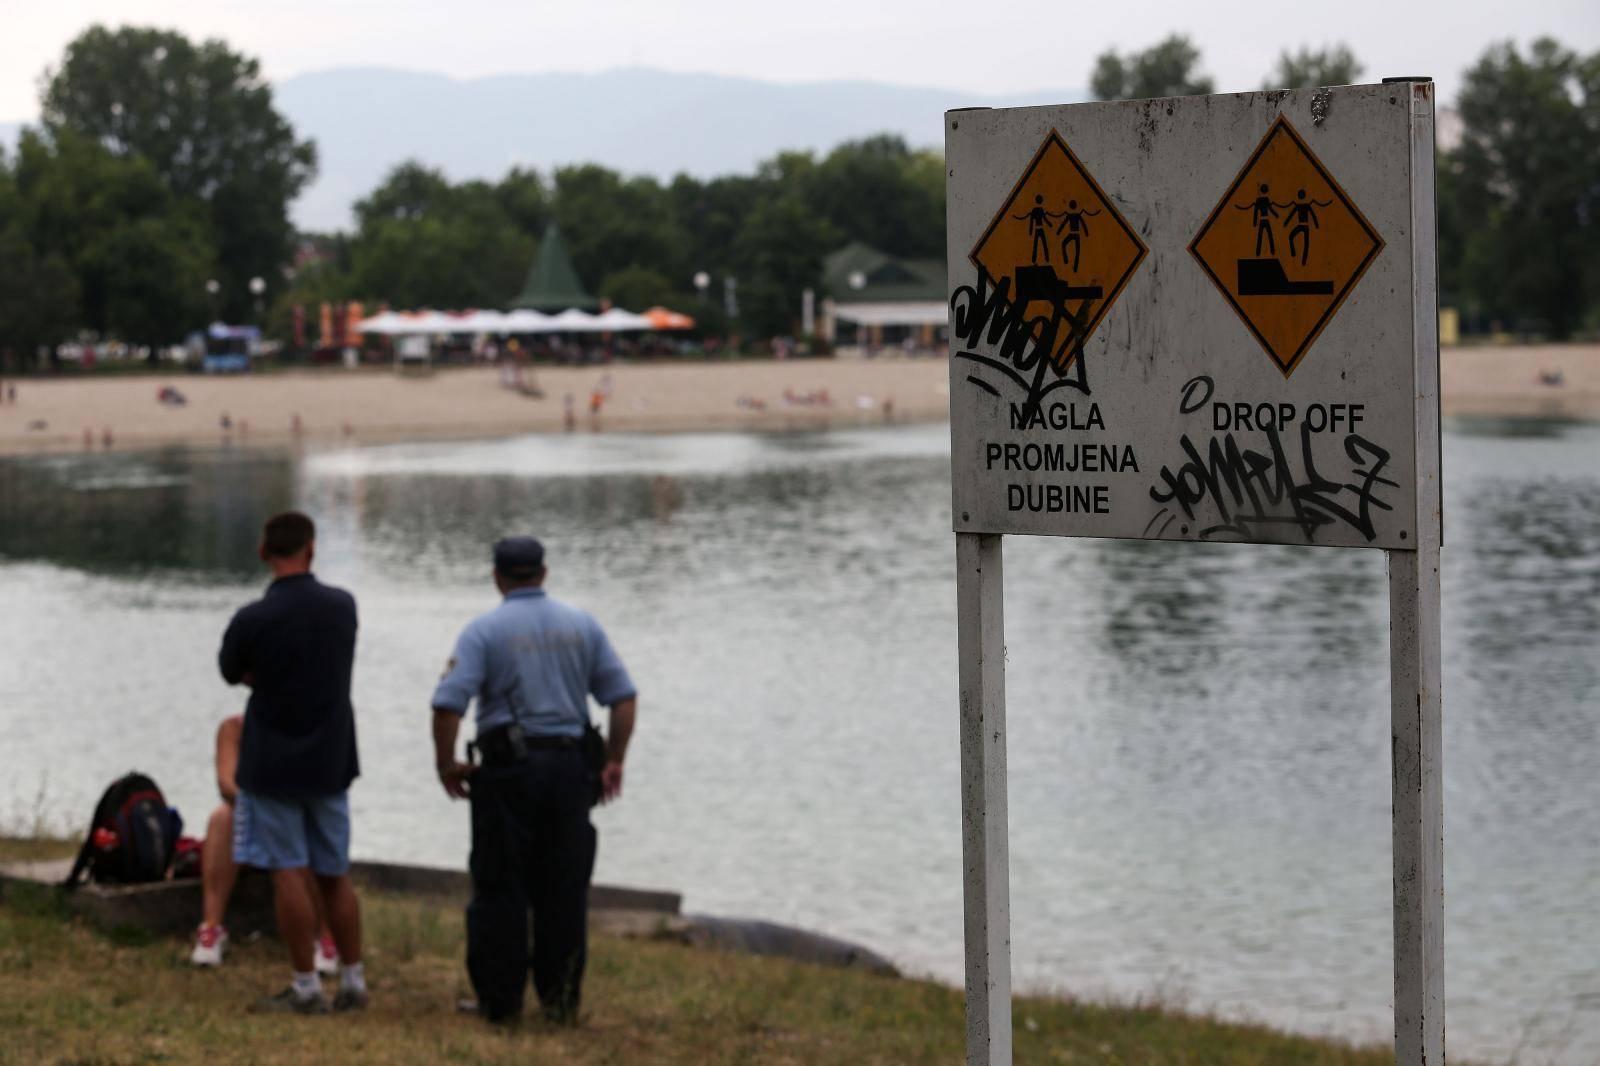 Zagreb: Na jezeru Jarun utopio se kupač